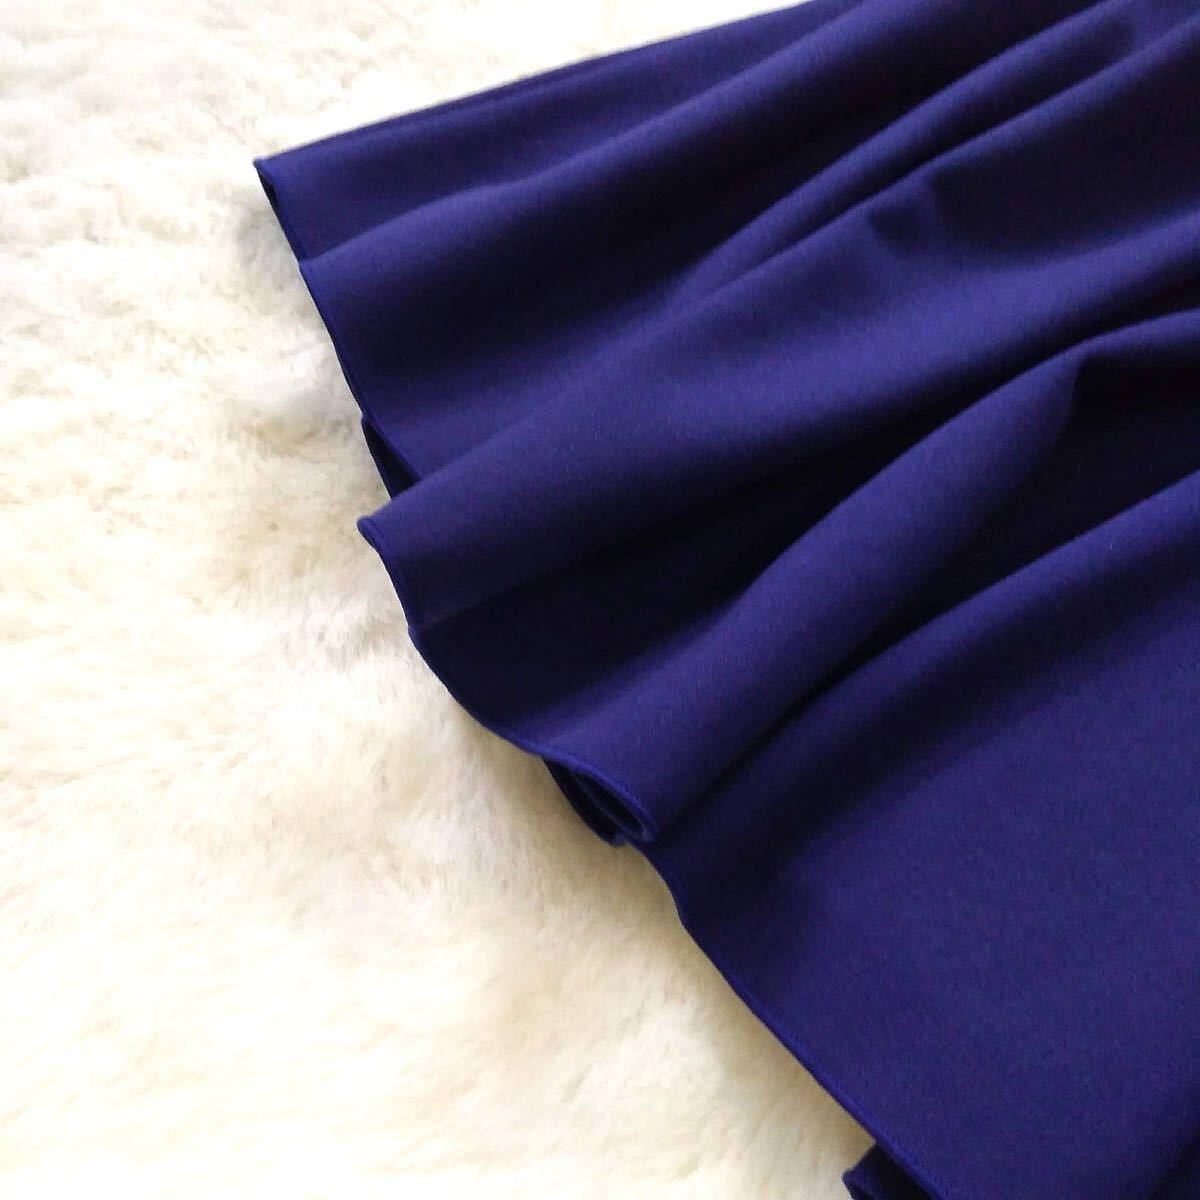 ダブルスタンダードクロージング ポンチスカート ロイヤルブルー パープルネイビー 膝丈 ゴムウエスト DOUBLE STANDARD CLOTHING_画像4